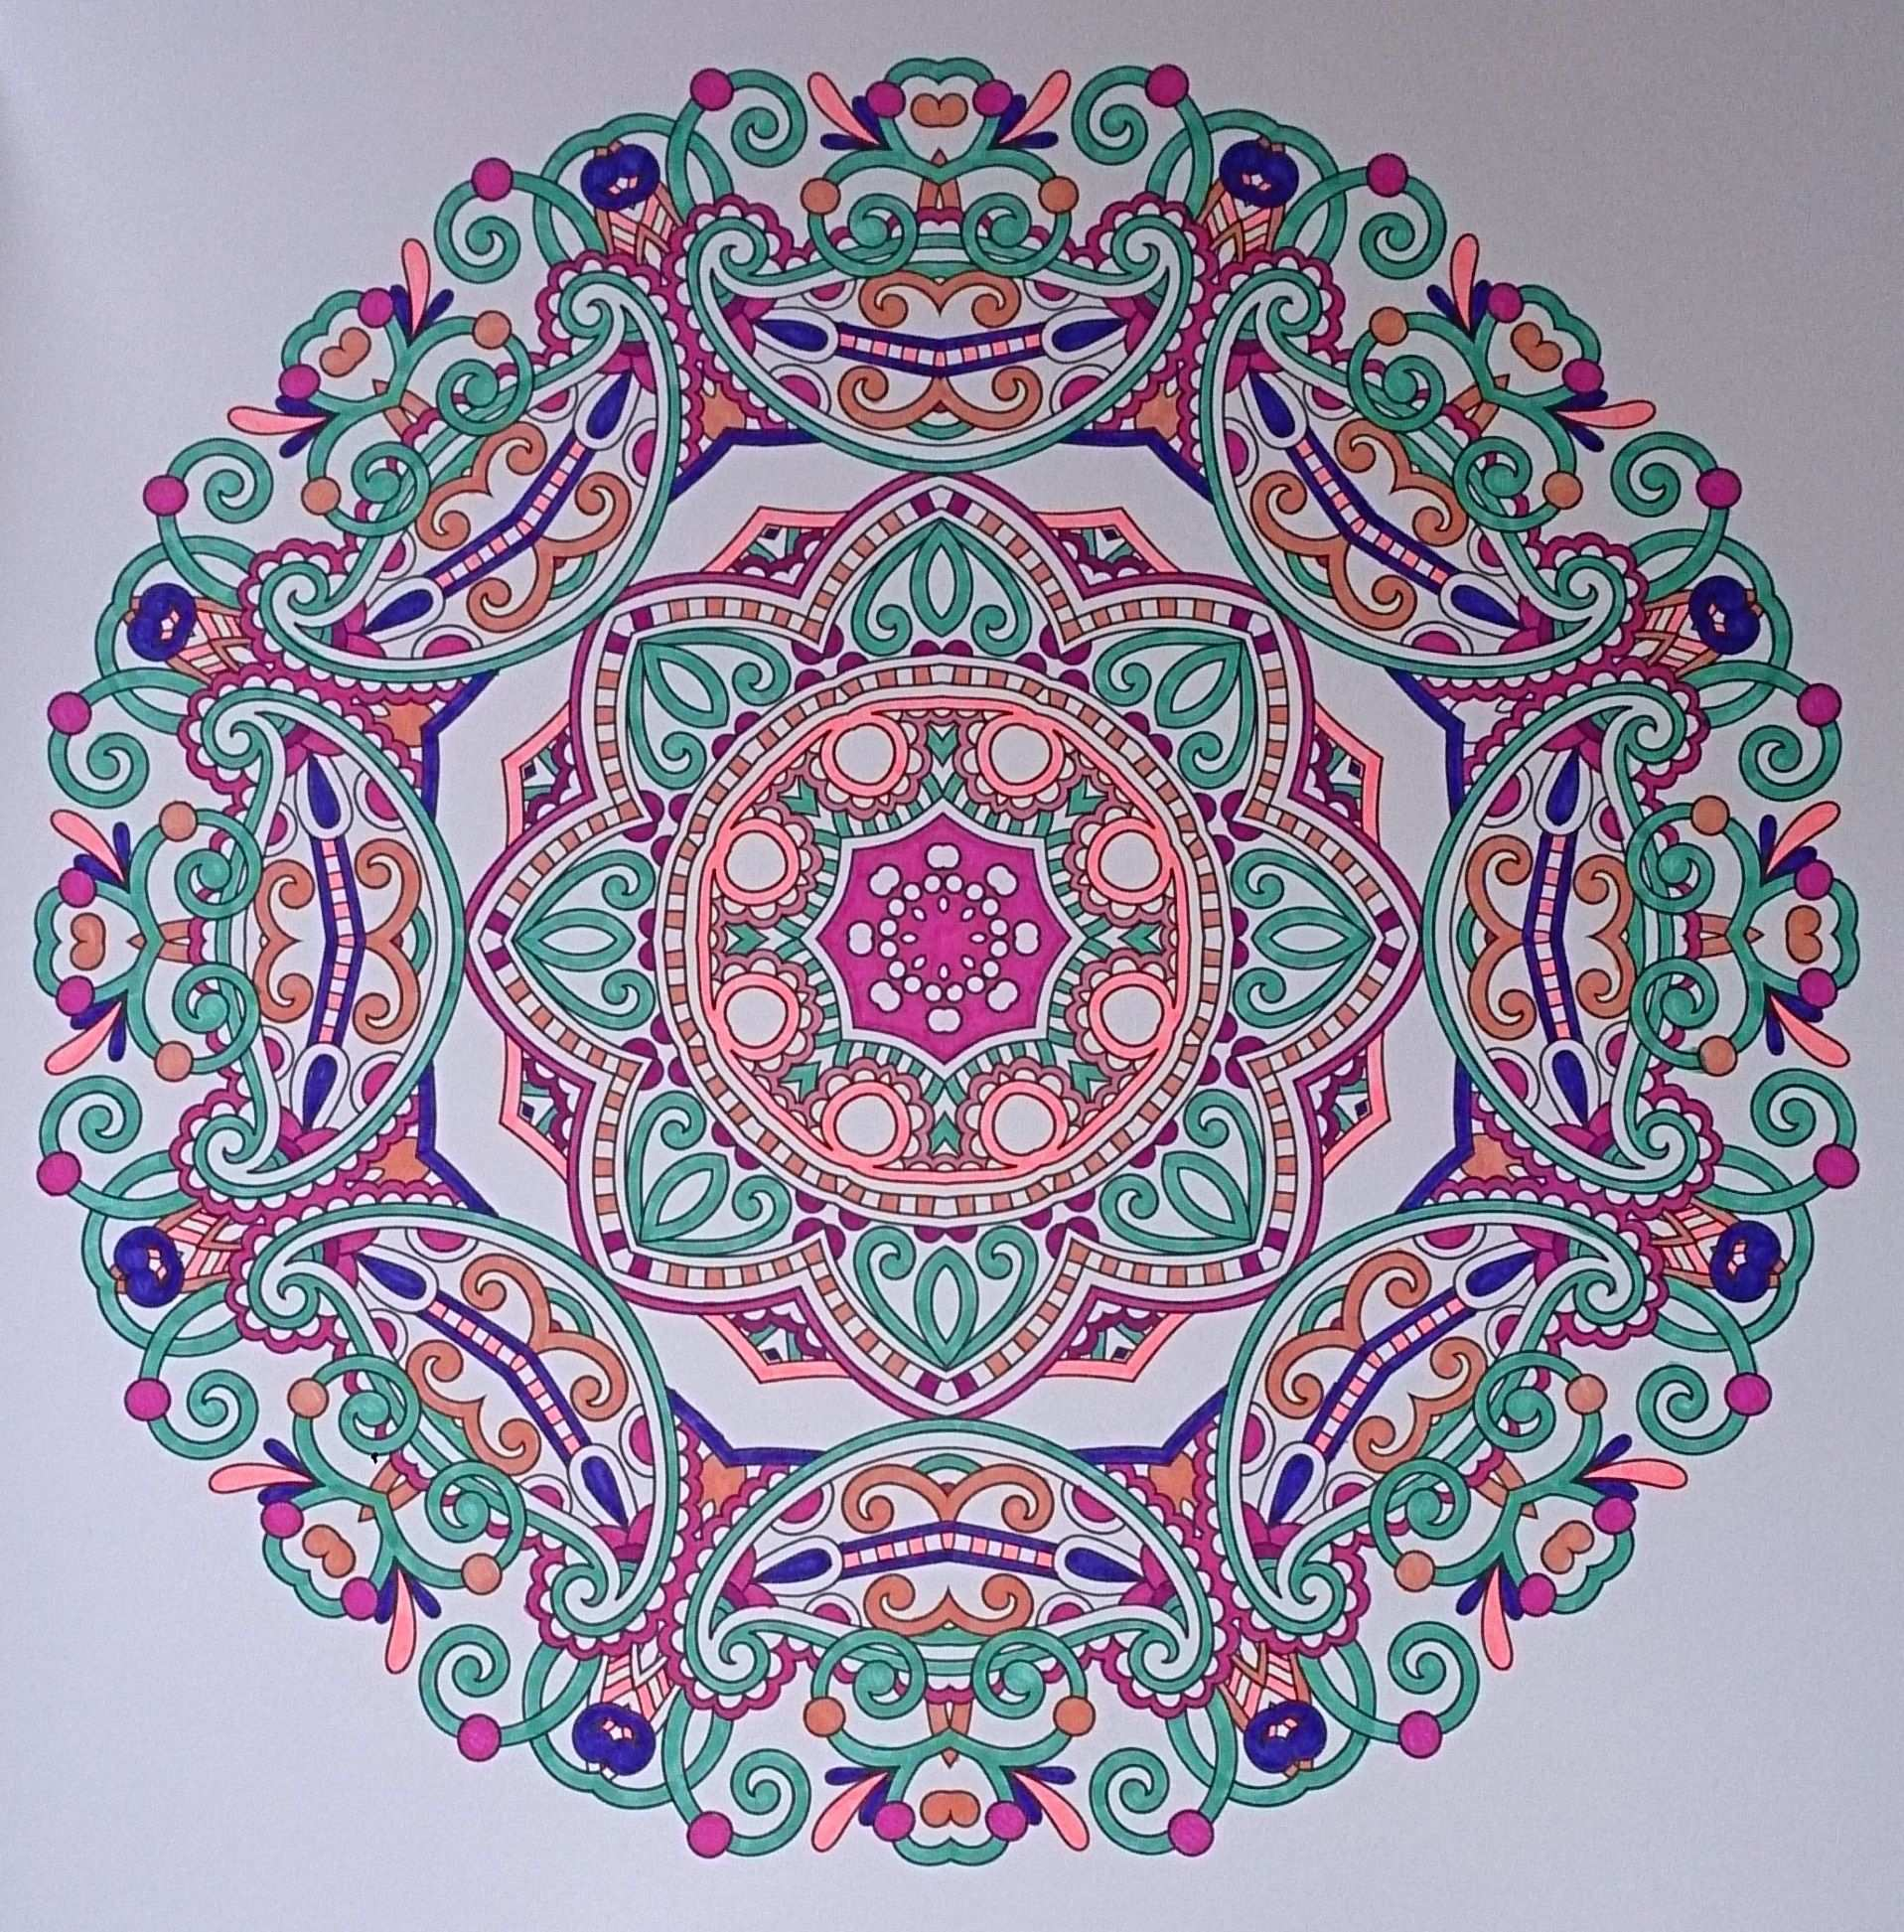 Ingekleurd Met Stabilo 68 Uit Het Enige Echte Mandala Kleurboek Mandala Kleurplaten Kleurboek Kleuren